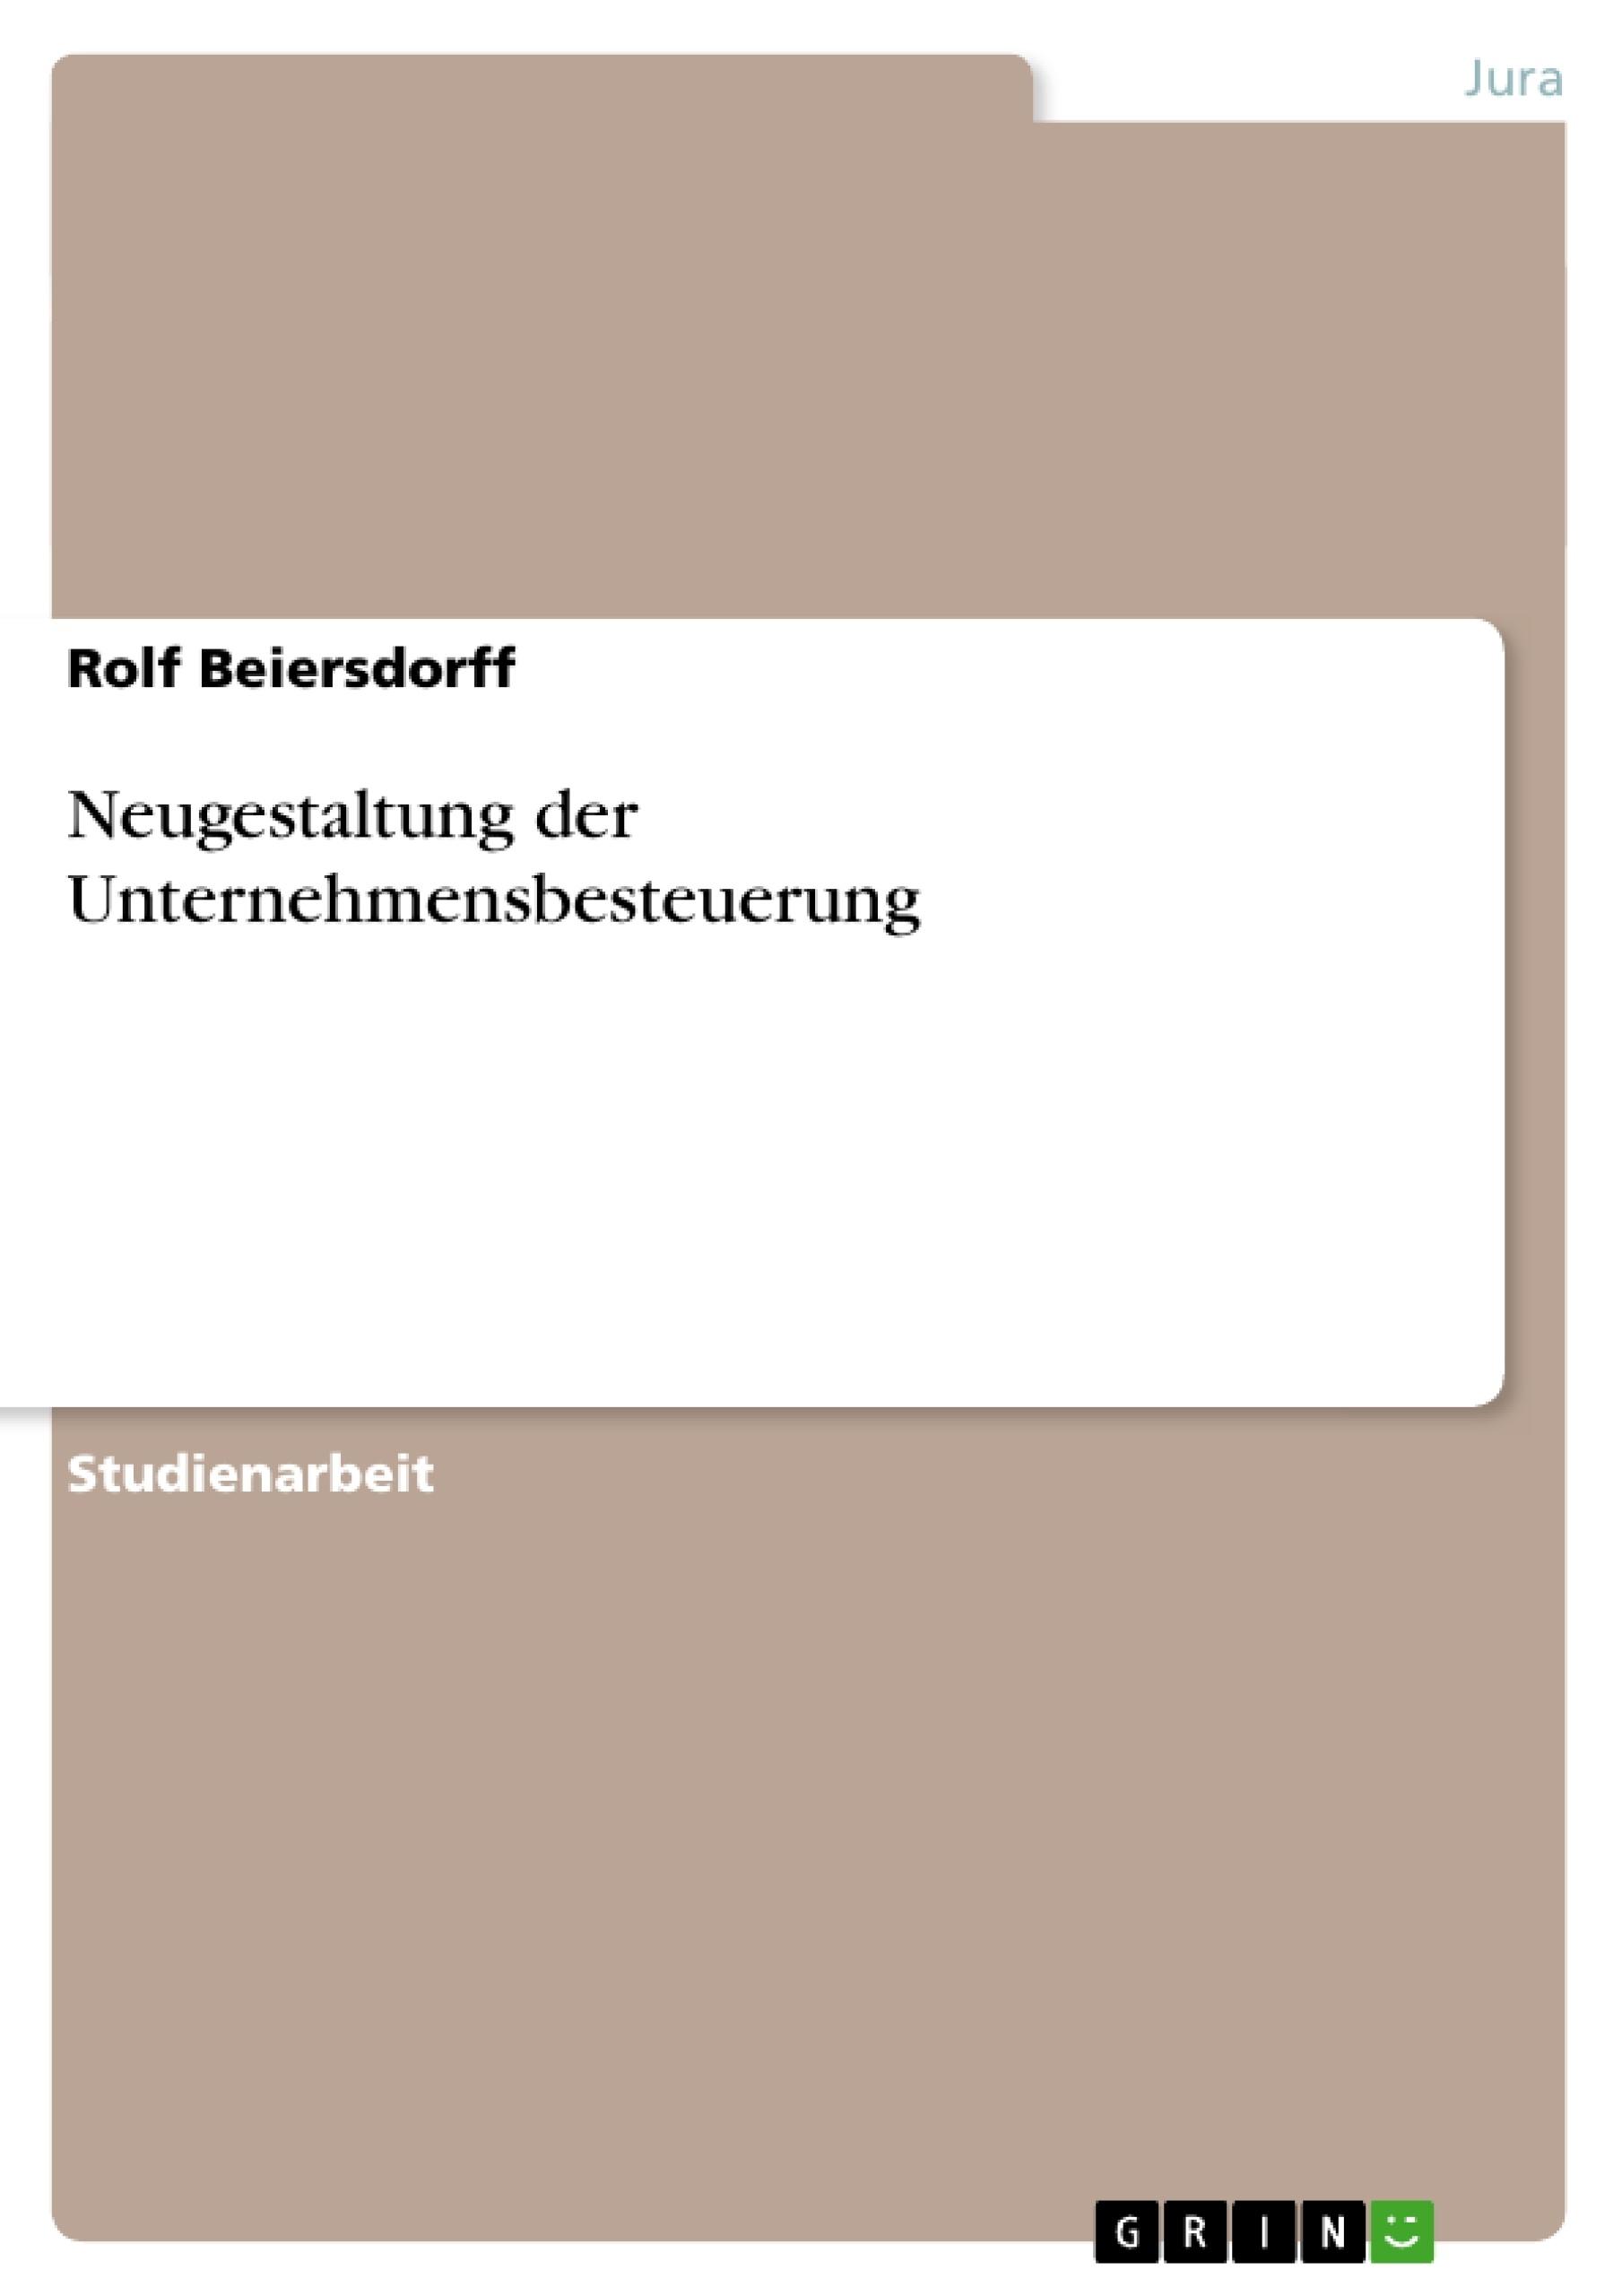 Titel: Neugestaltung der Unternehmensbesteuerung